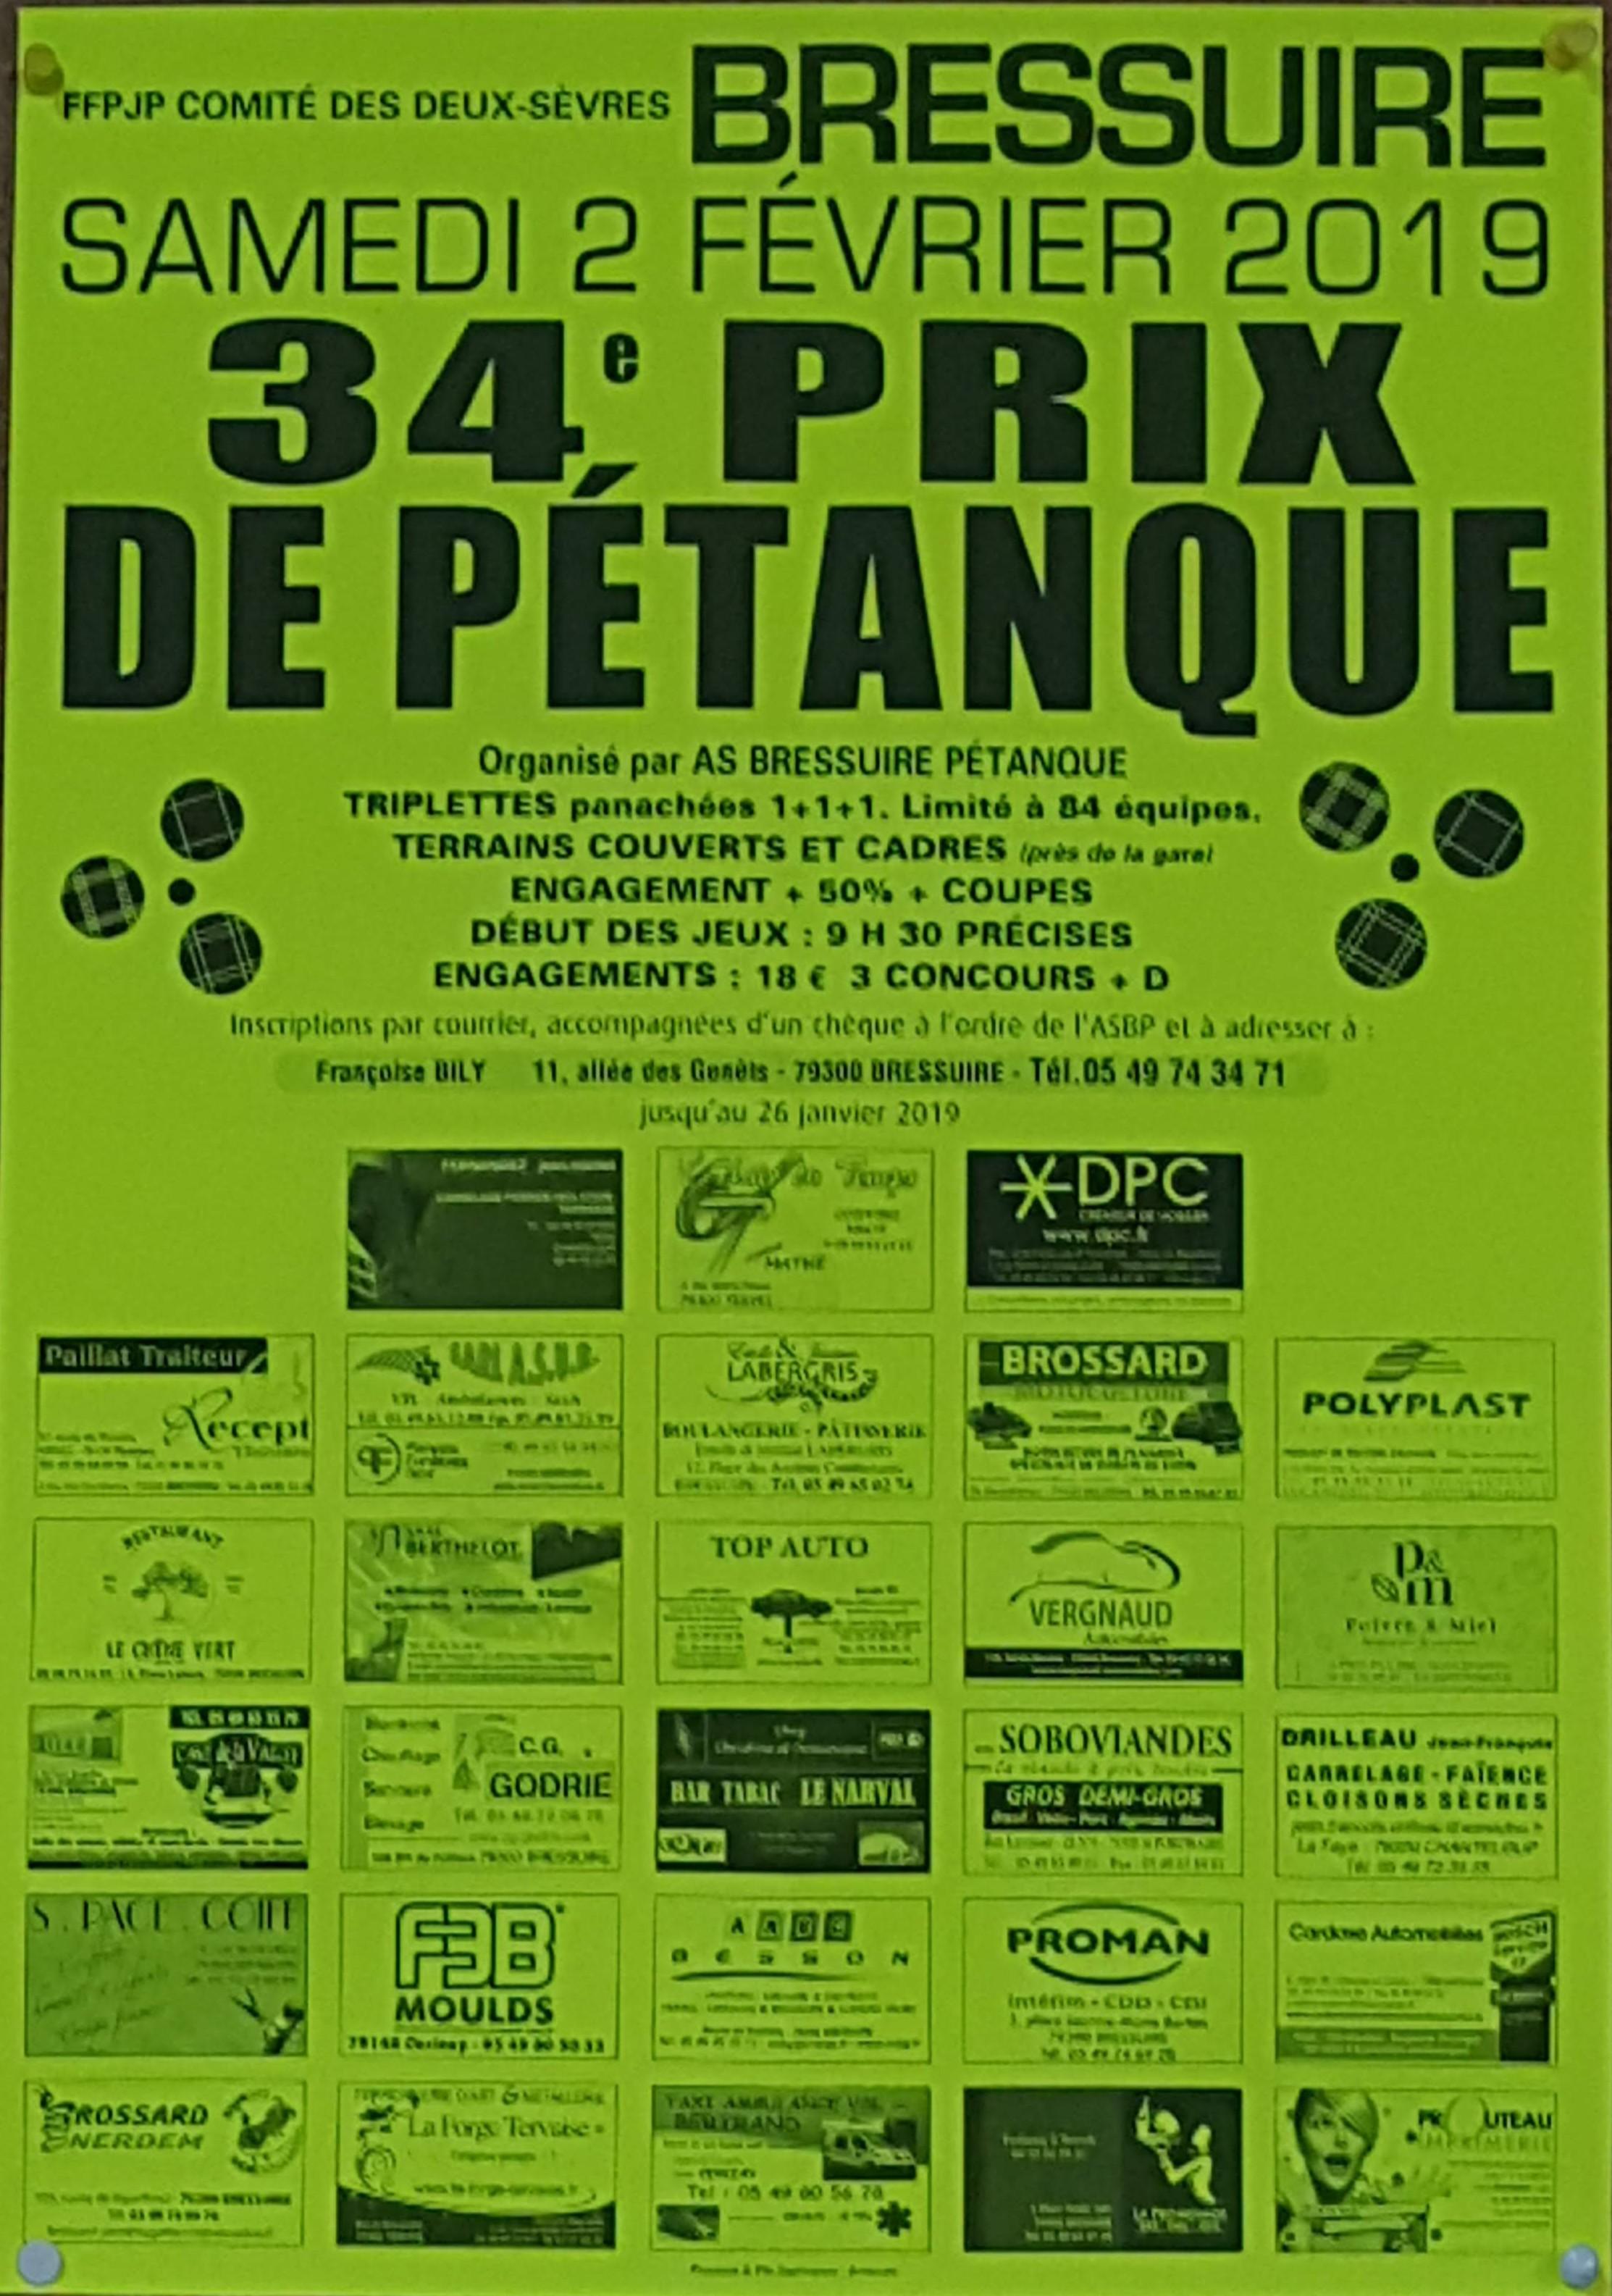 34ème Grand Prix de Pétanque